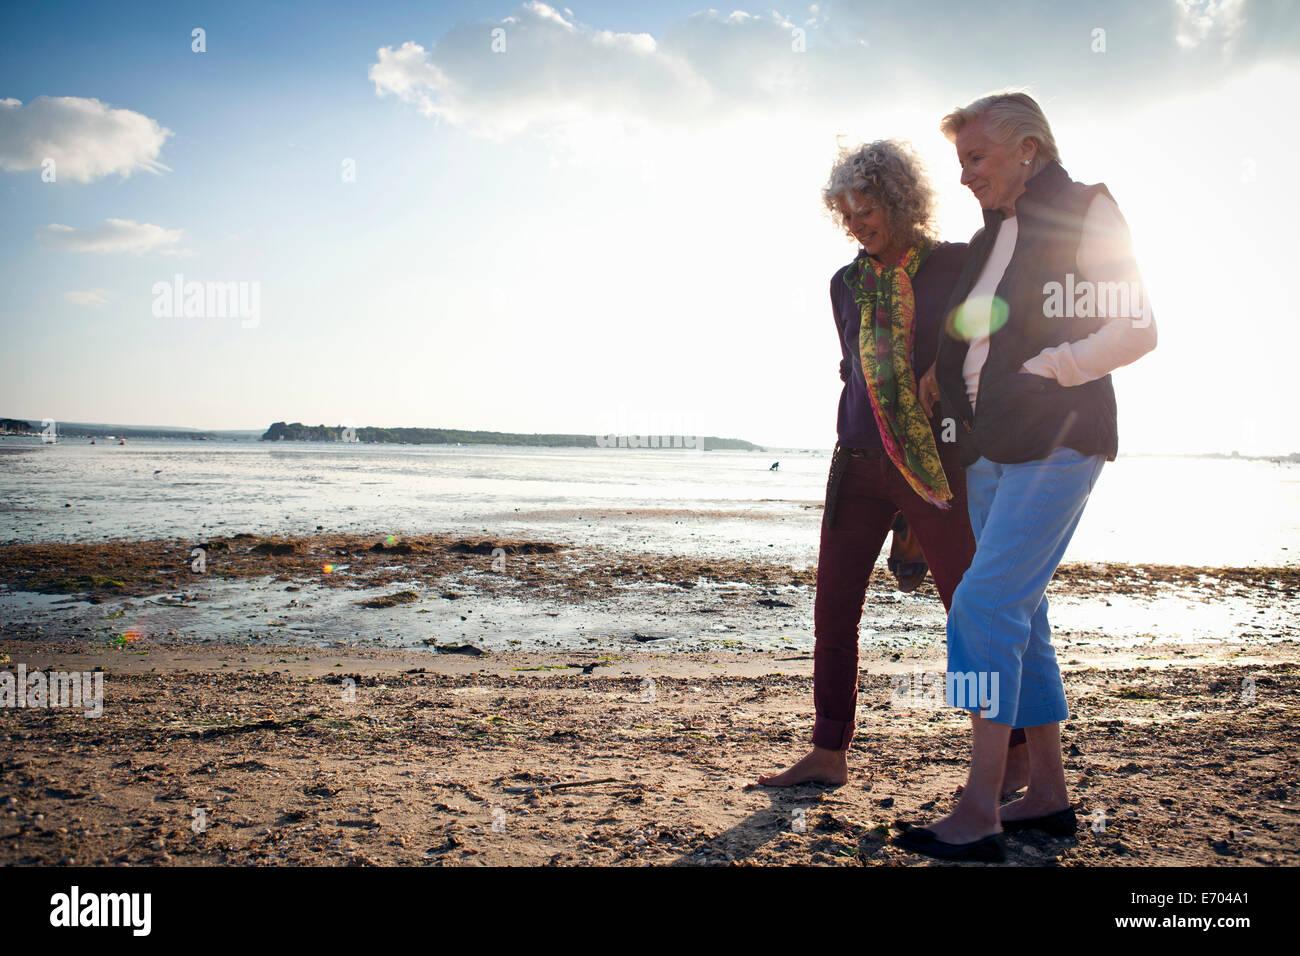 Madre e figlia camminando sulla spiaggia Immagini Stock